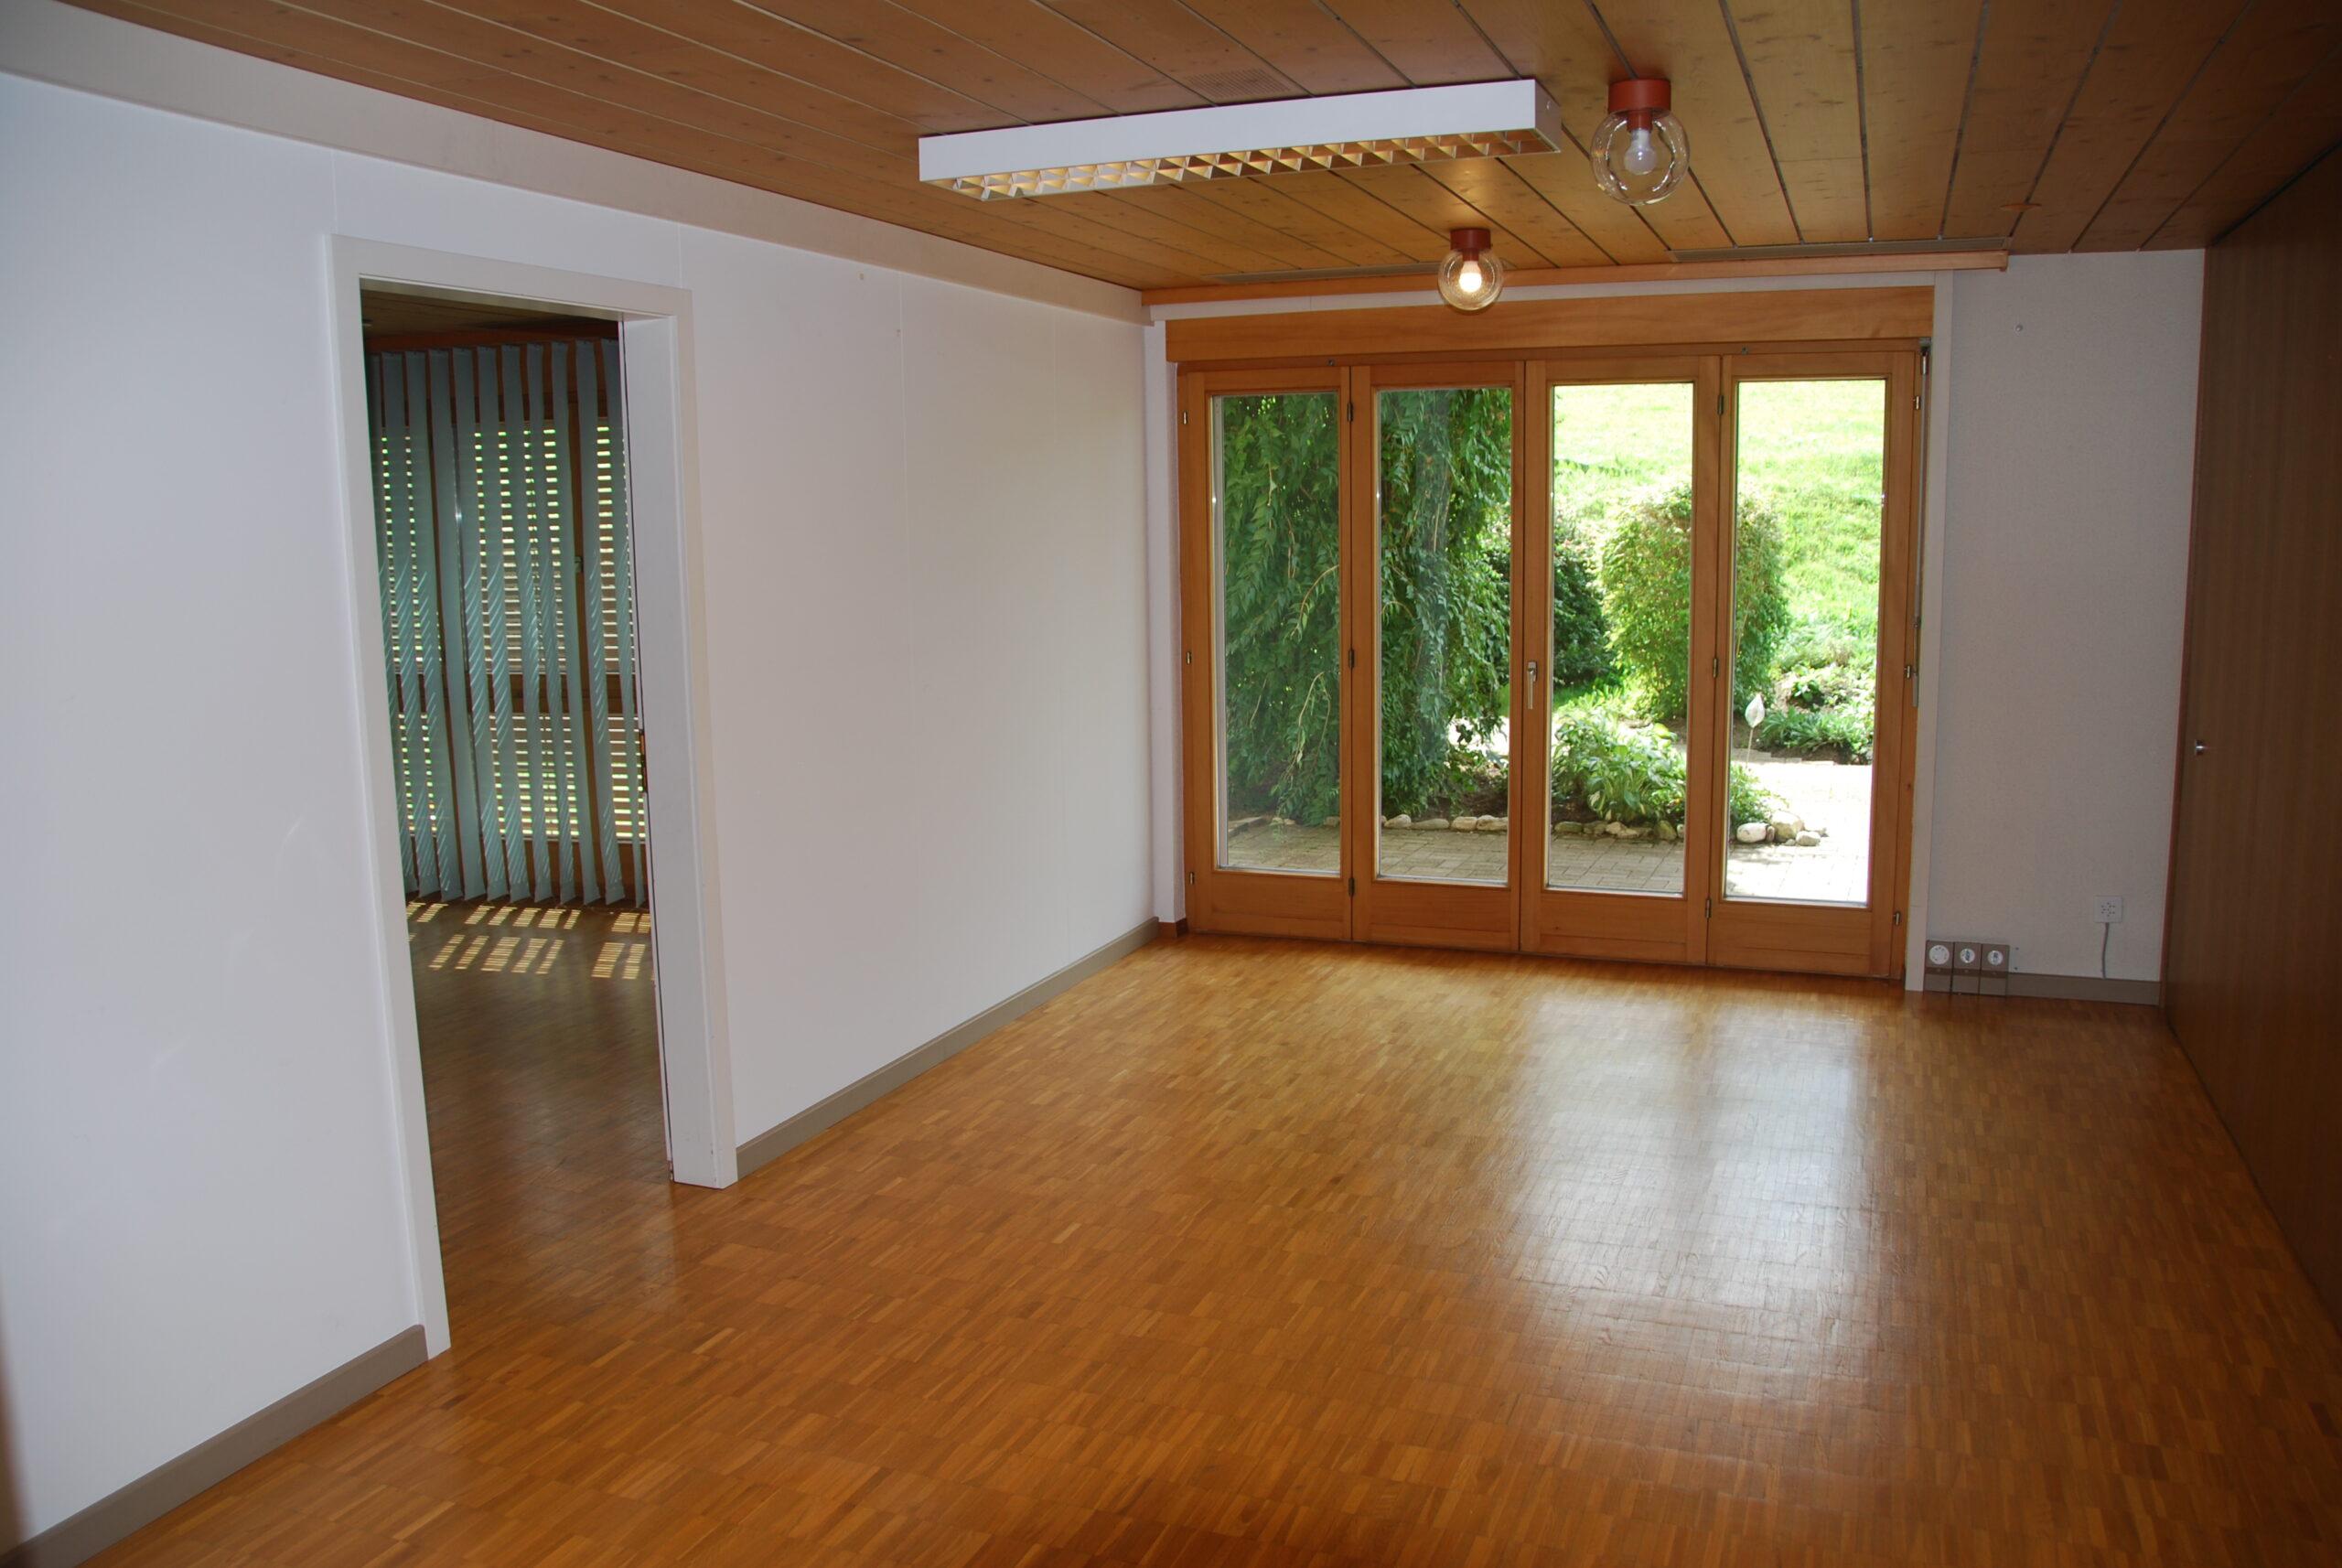 2 Zimmer-Studio für gewerbliche Zwecke (Büro oder stilles Gewerbe) im EG